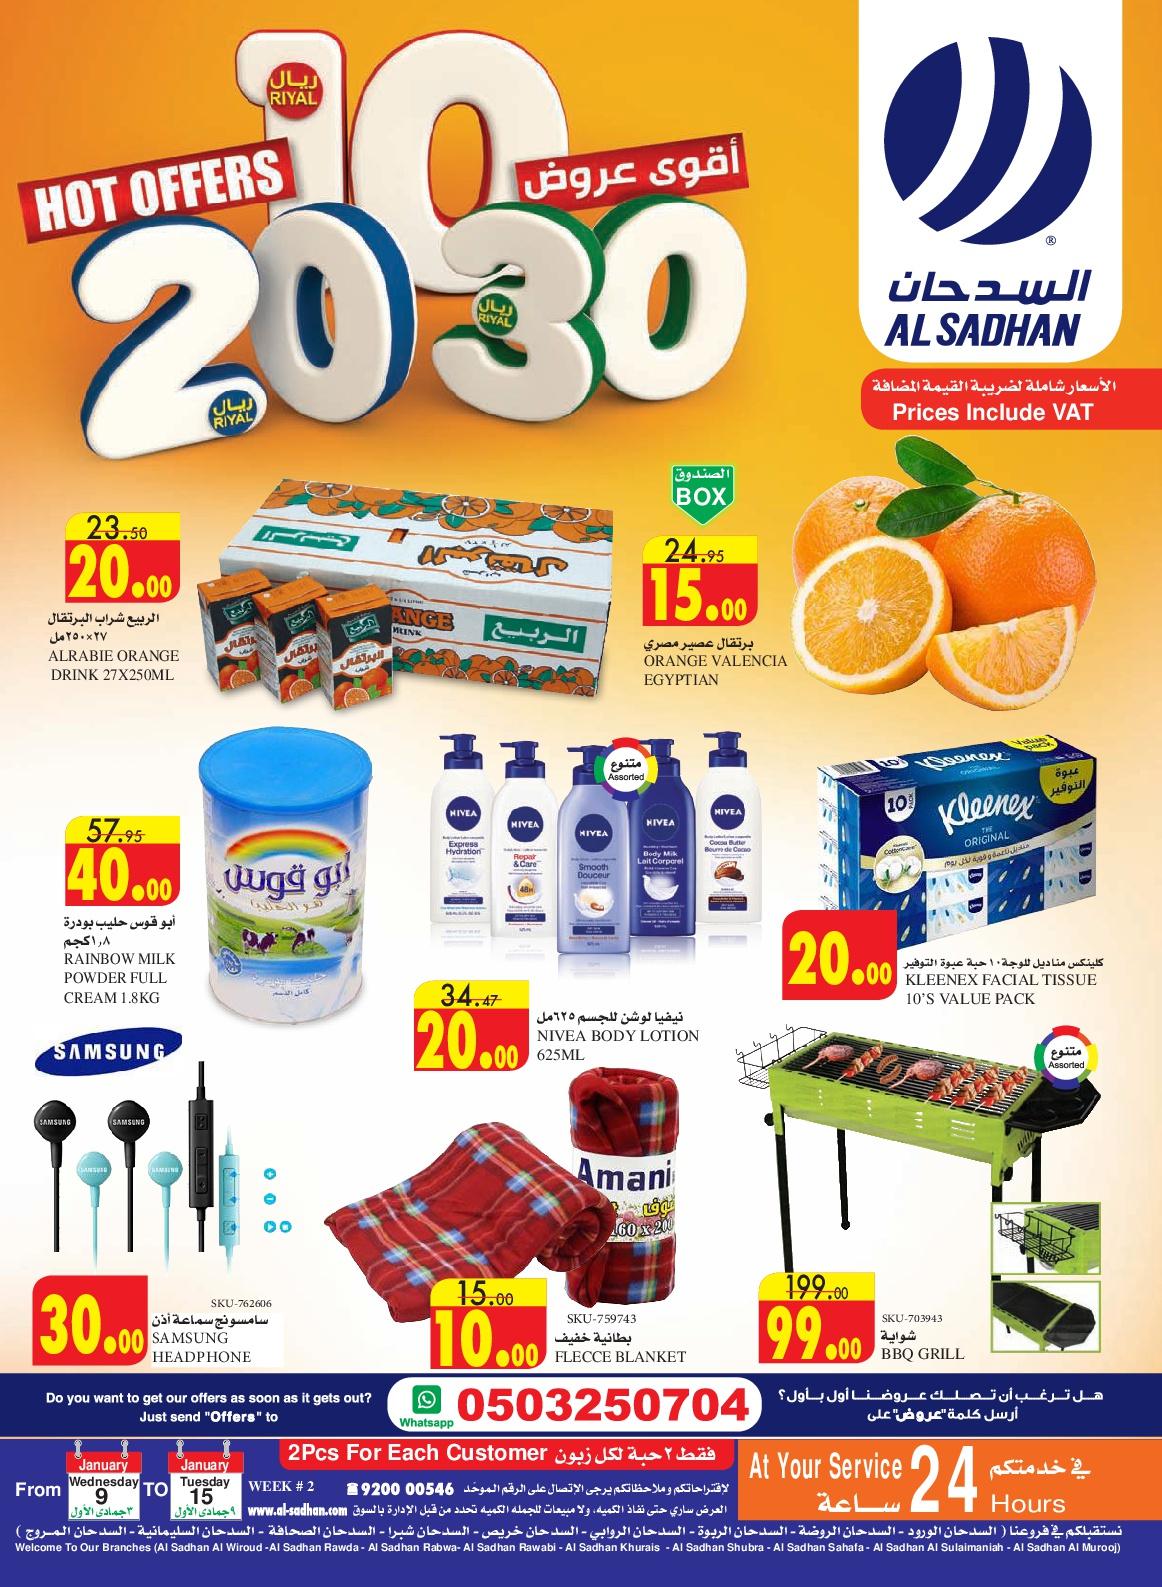 عروض السدحان الرياض الاسبوعية من 9 يناير حتى 15 يناير 2019 اقوى عروض 10 و 20 و 30 ريال